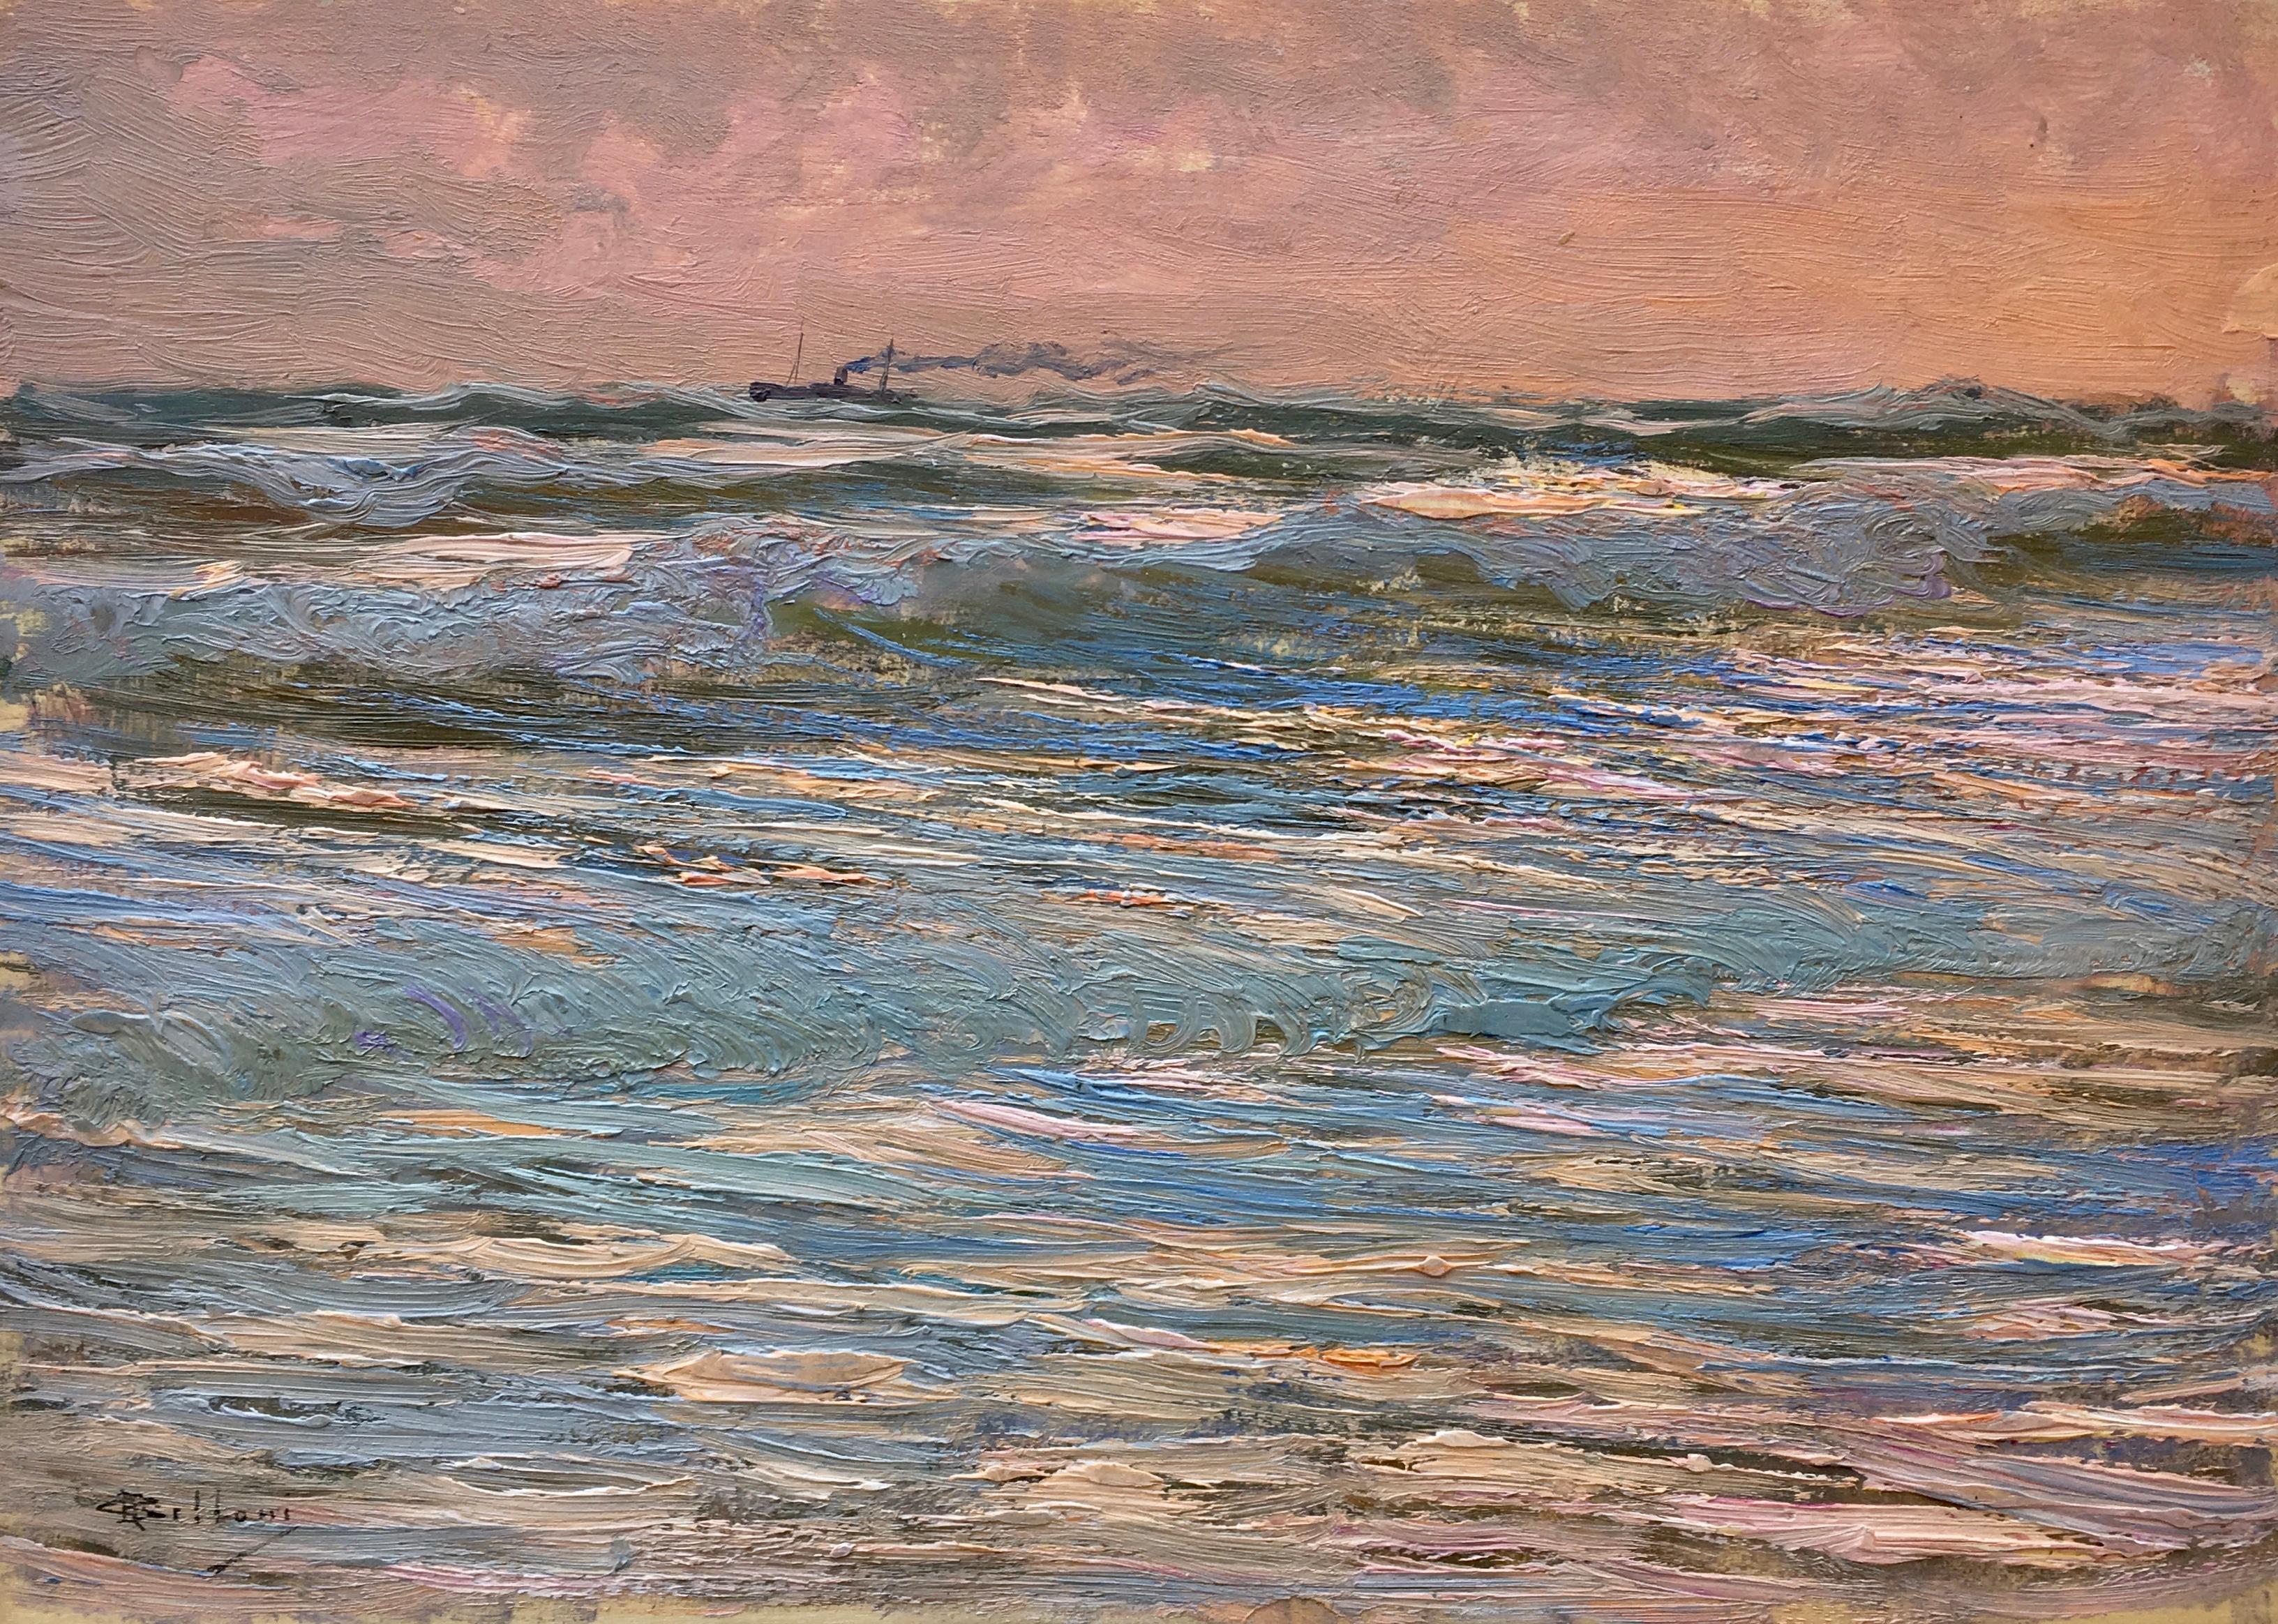 Giorgio Belloni, Italian Impressionist, plein air seascape on the Ligurian coast